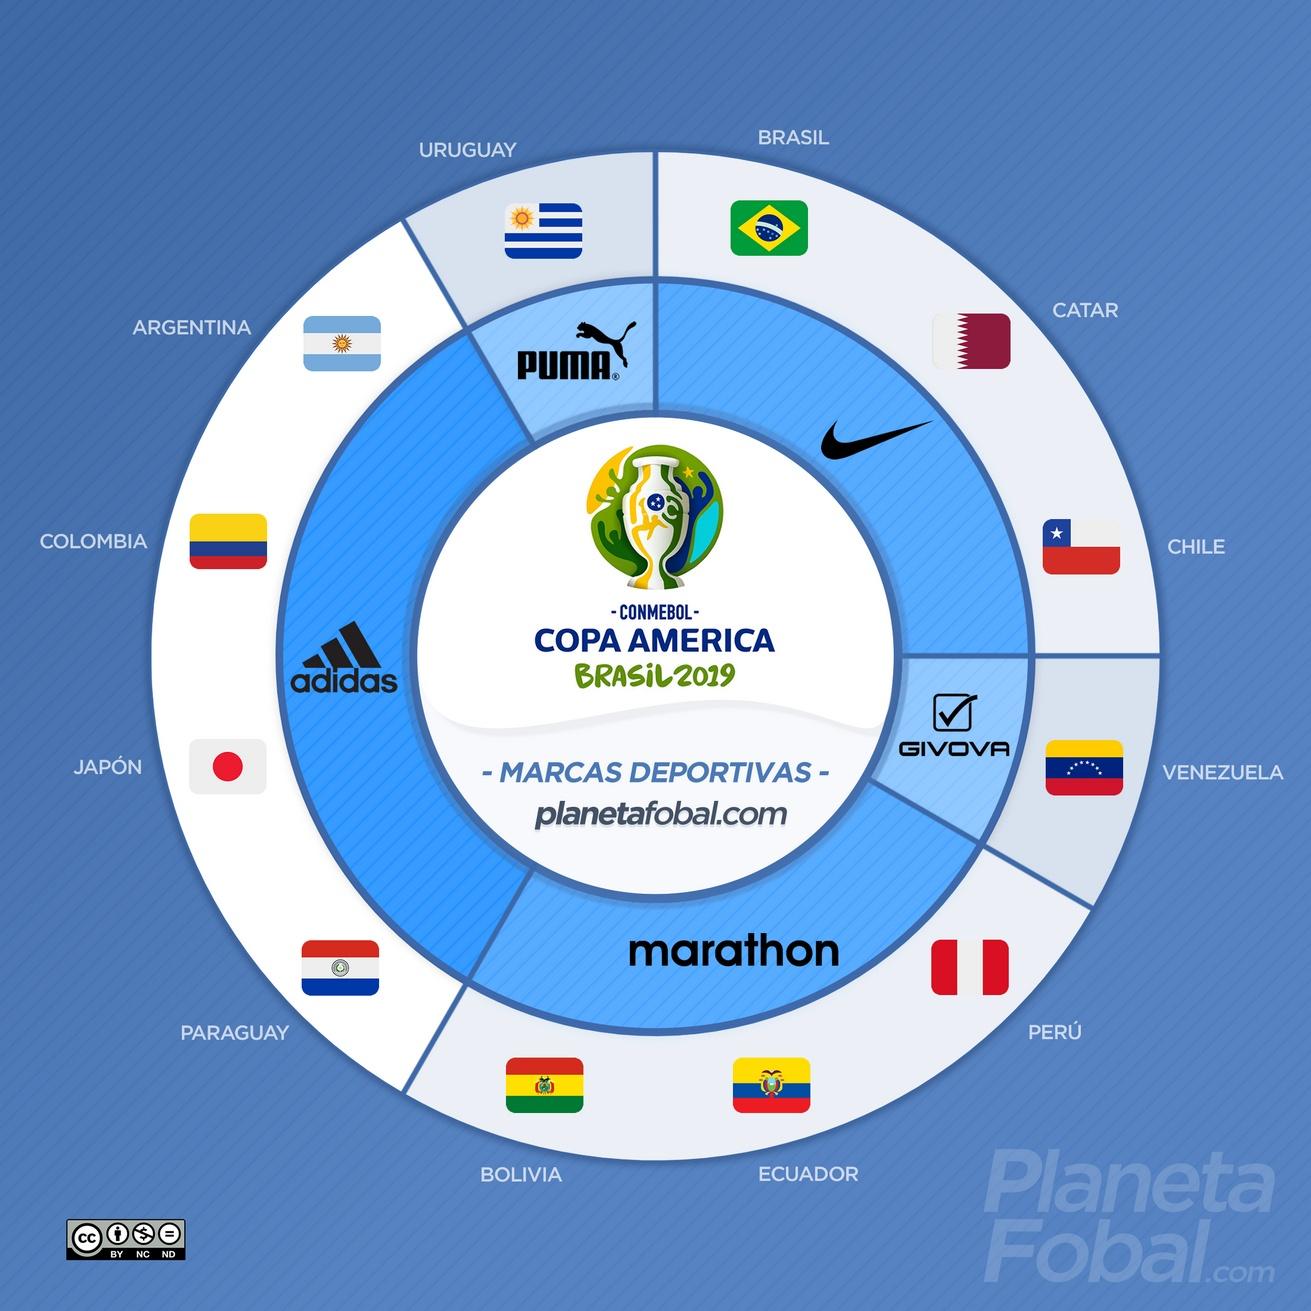 Las marcas deportivas de la Copa América 2019